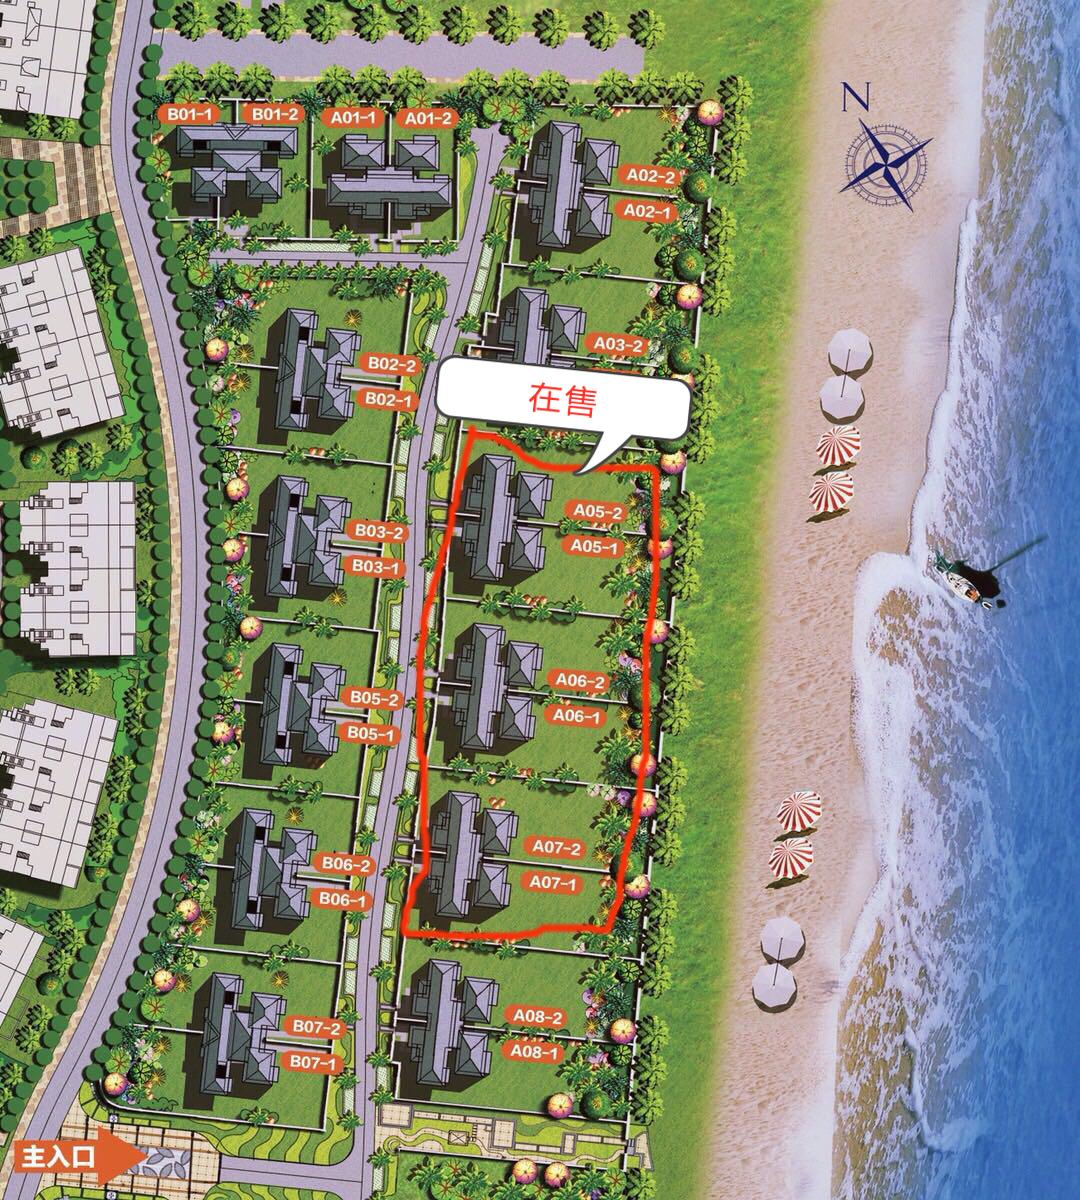 富力湾 K2海上院墅楼栋分布图